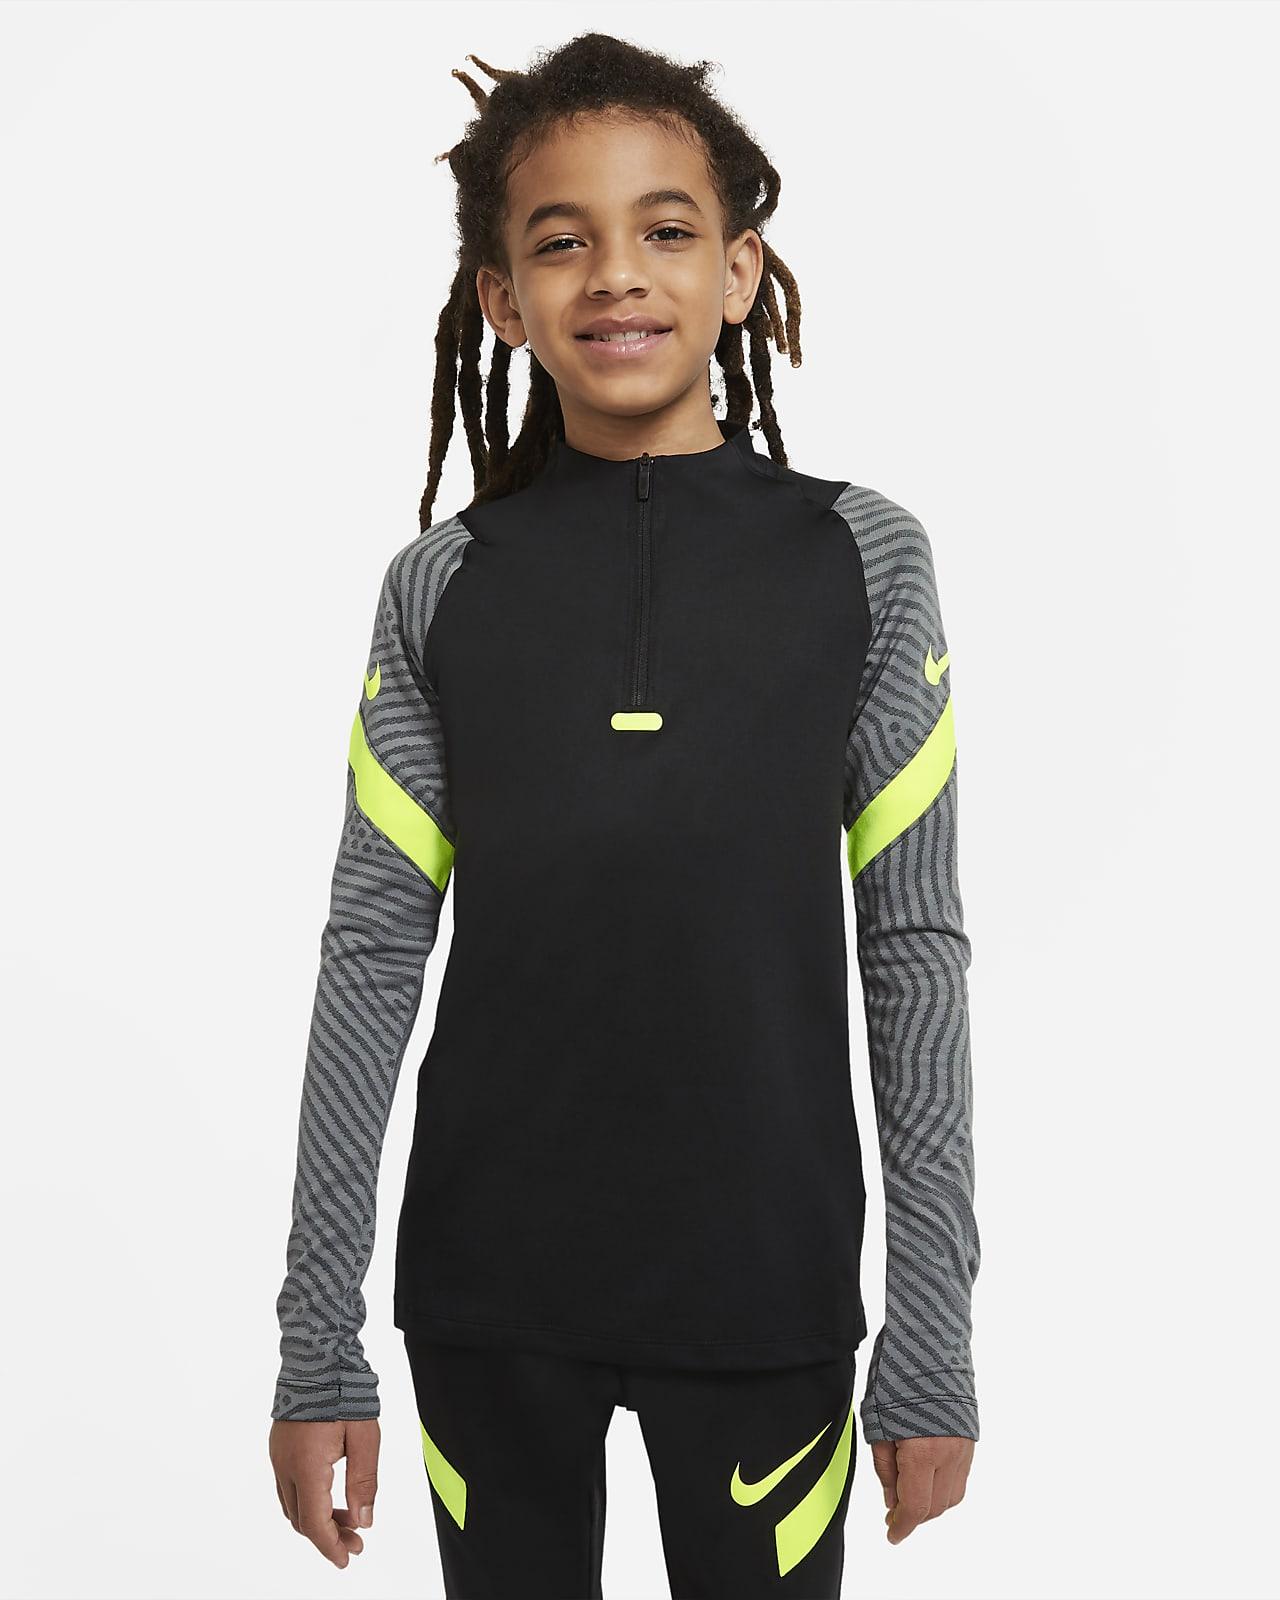 Treningowa koszulka piłkarska dla dużych dzieci Nike Dri-FIT Strike